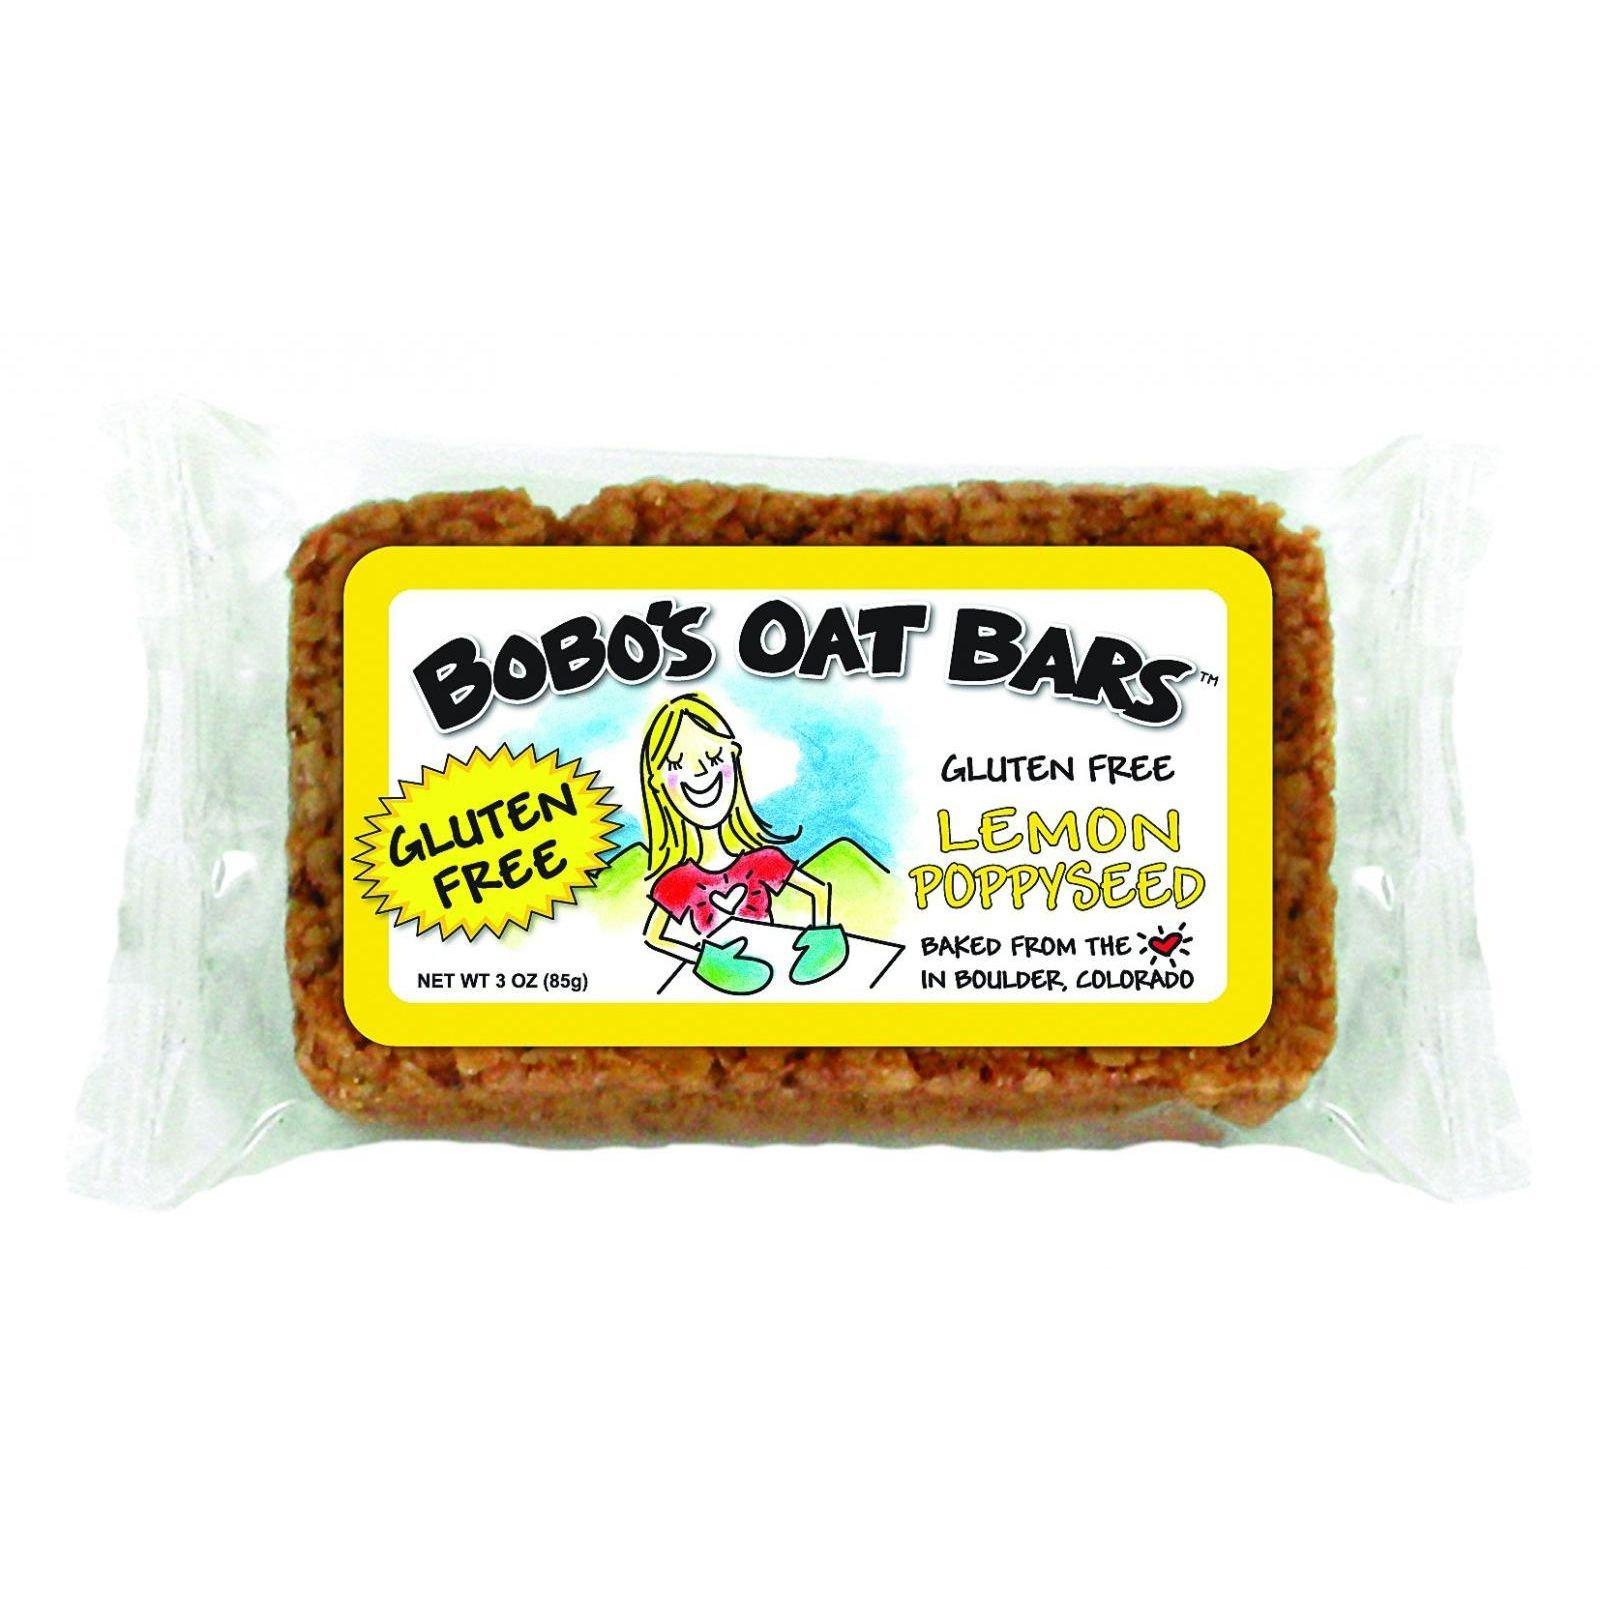 Bobo's Oat Bars All Natural Gluten Free, Lemon Poppyseed, 12 Count